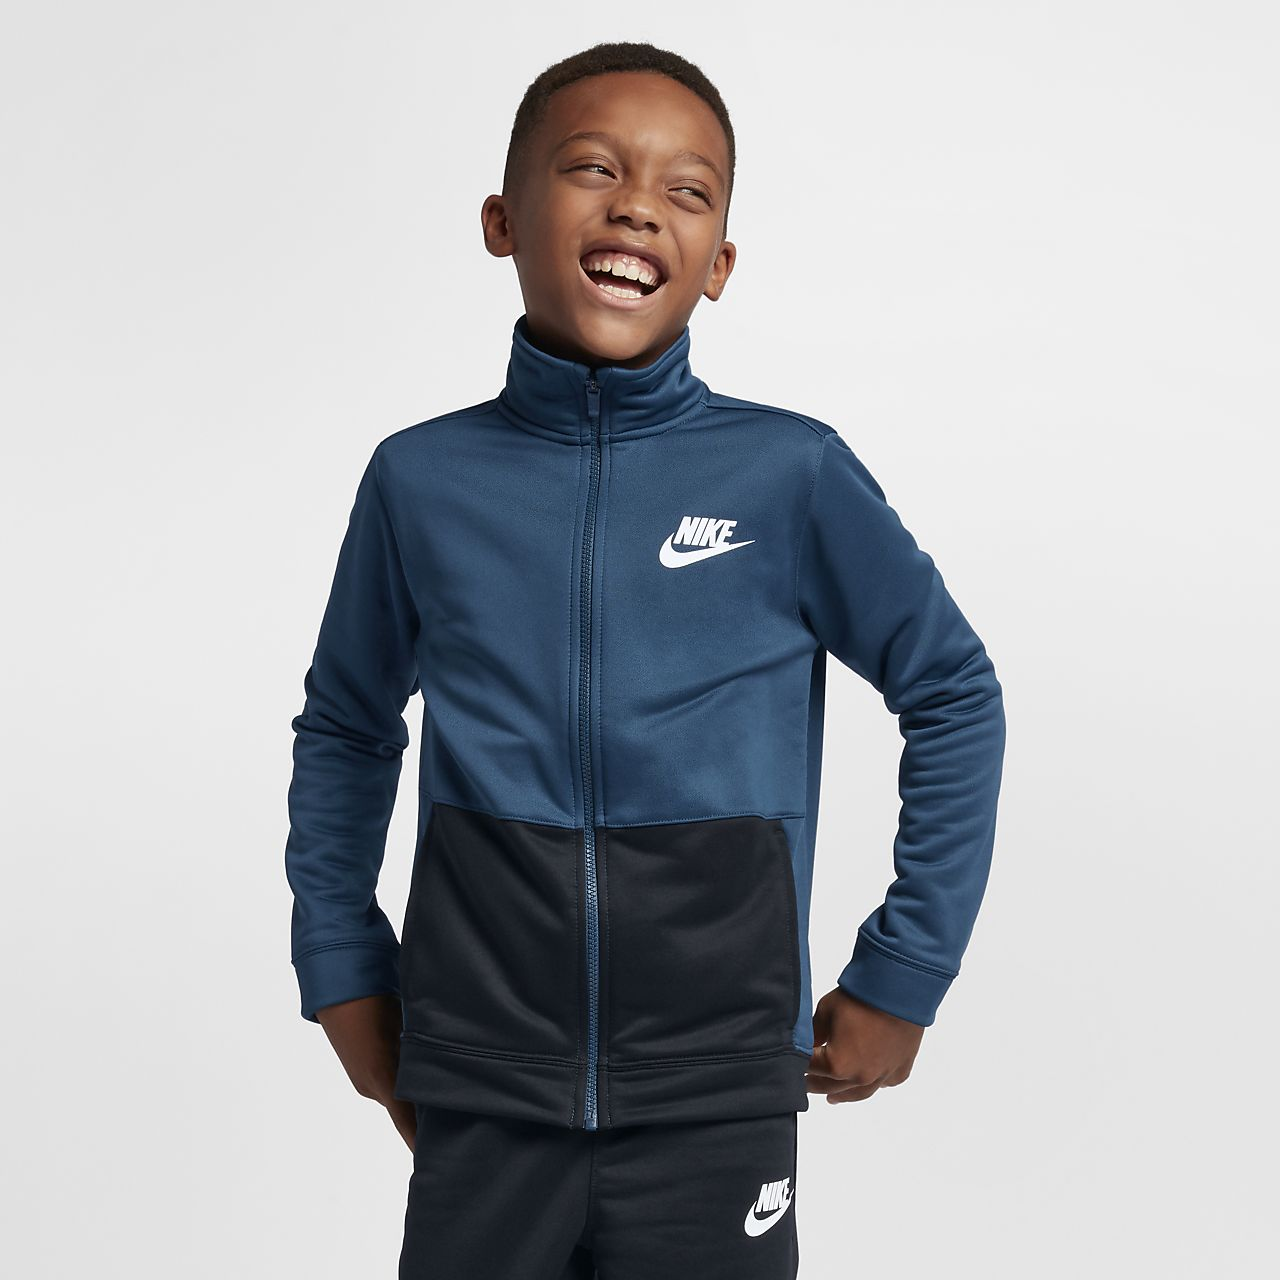 comprare venduto in tutto il mondo nuova collezione Tuta Nike Sportswear - Bambino/Ragazzo